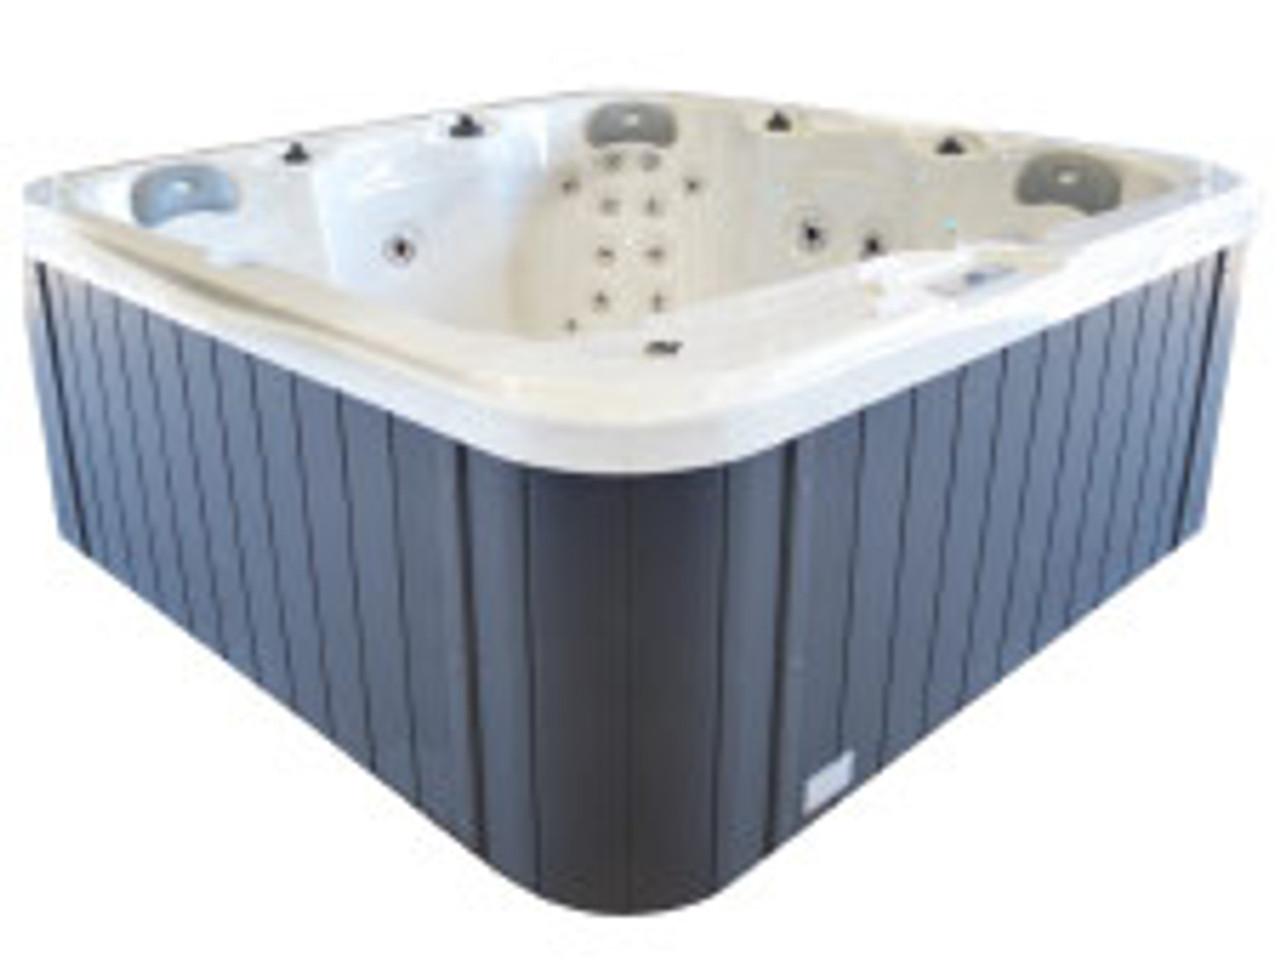 Galaxy Aquila spa pool